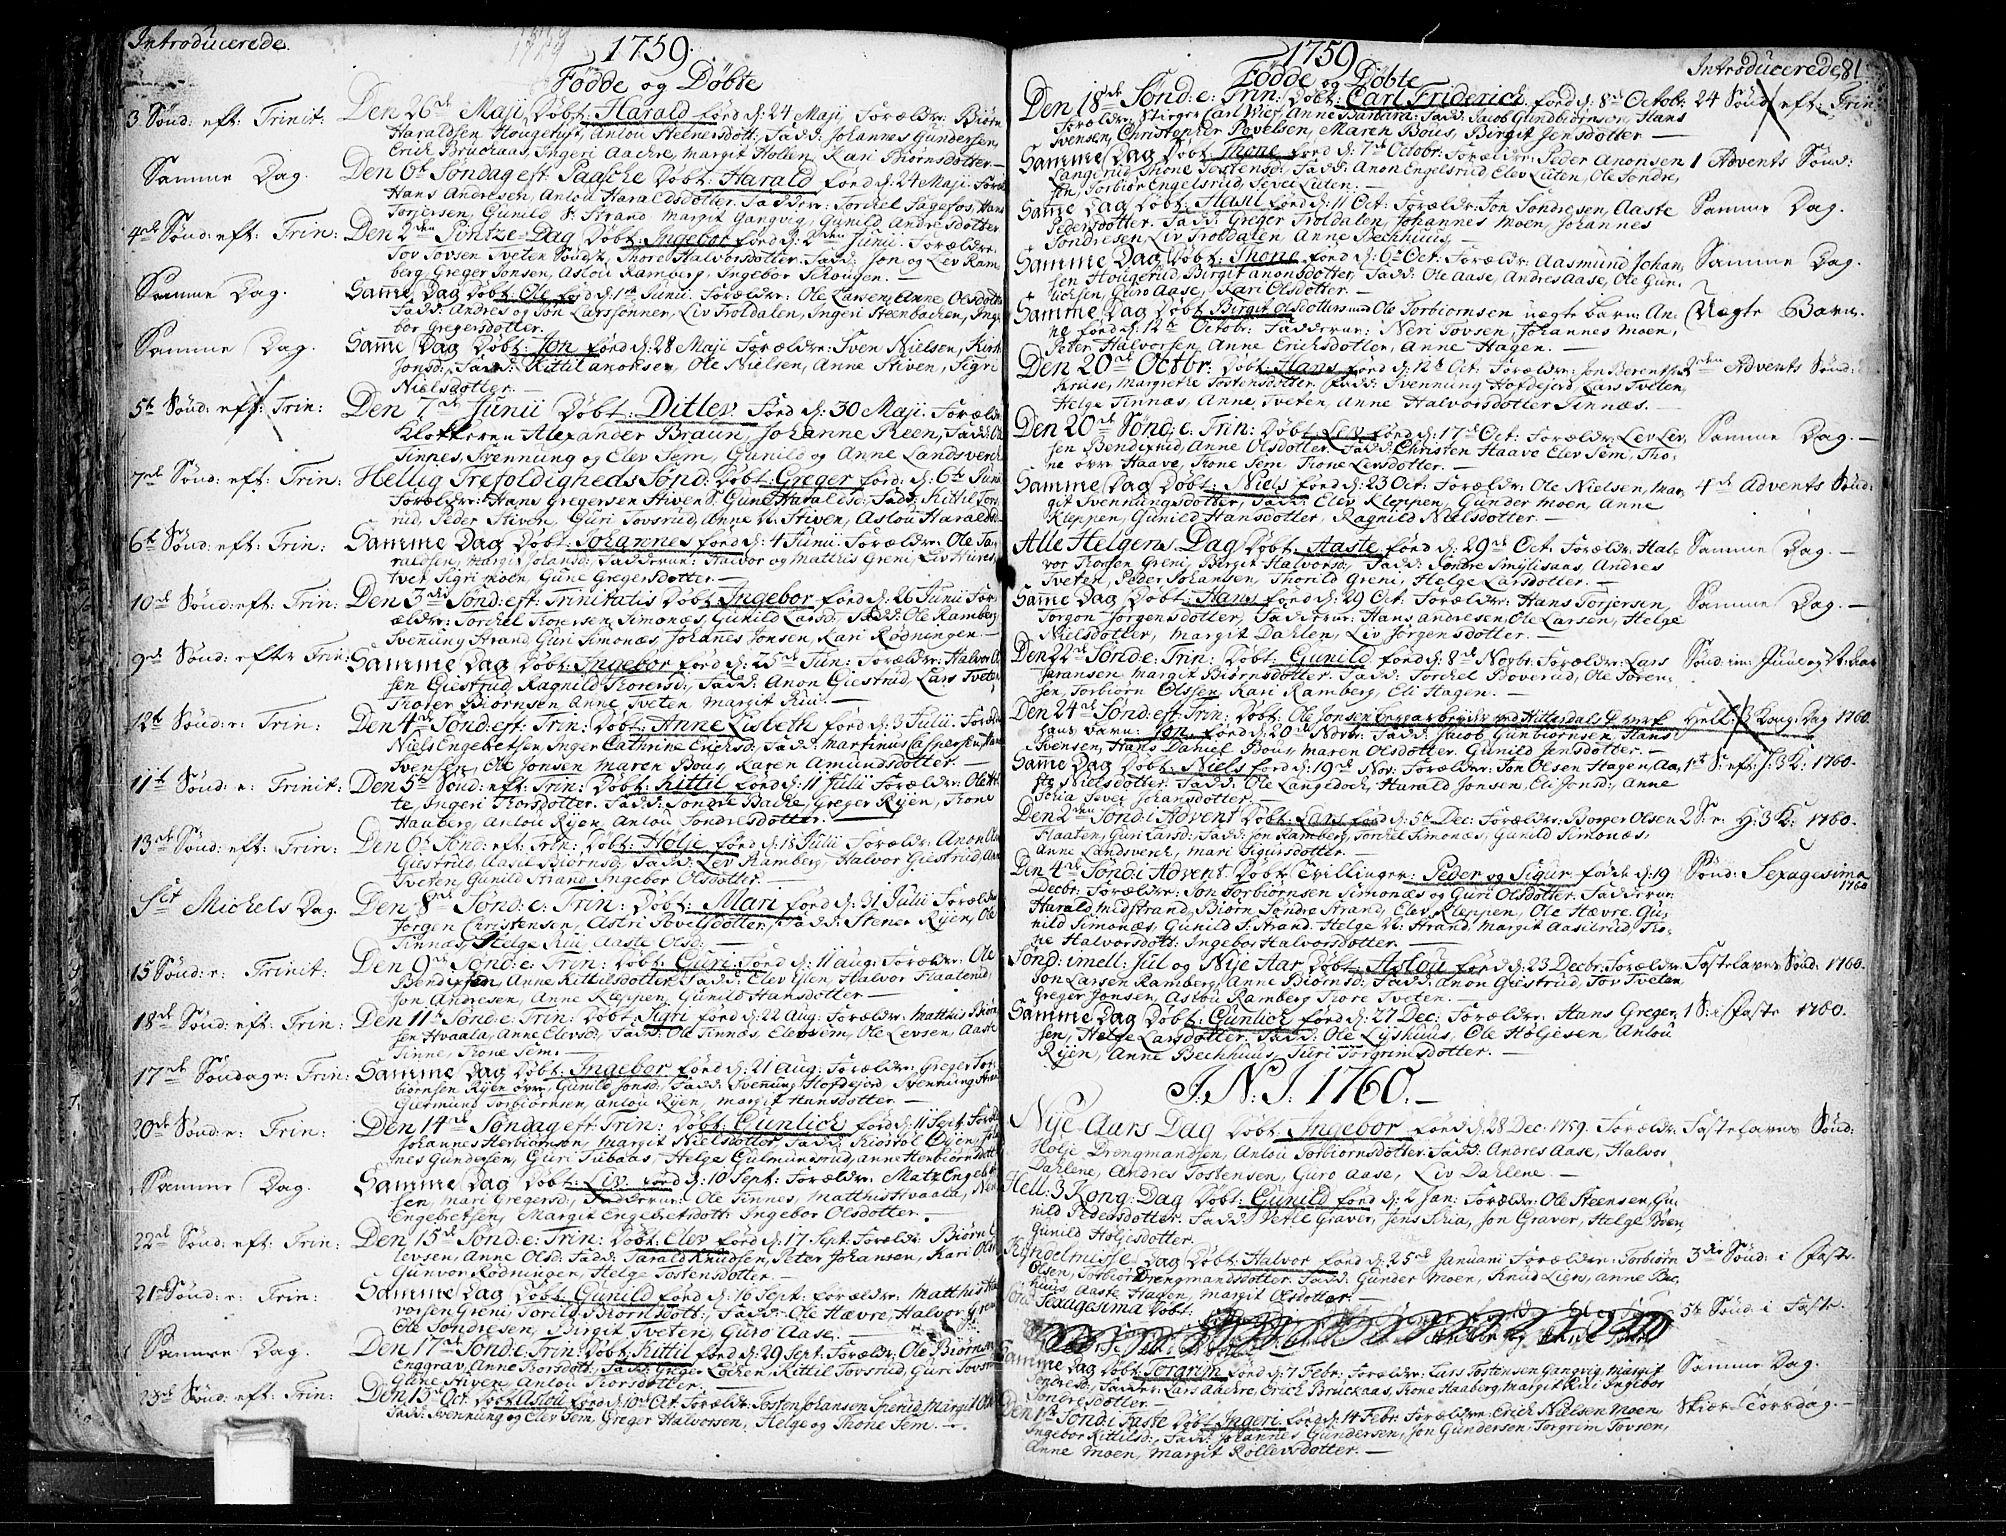 SAKO, Heddal kirkebøker, F/Fa/L0003: Ministerialbok nr. I 3, 1723-1783, s. 81